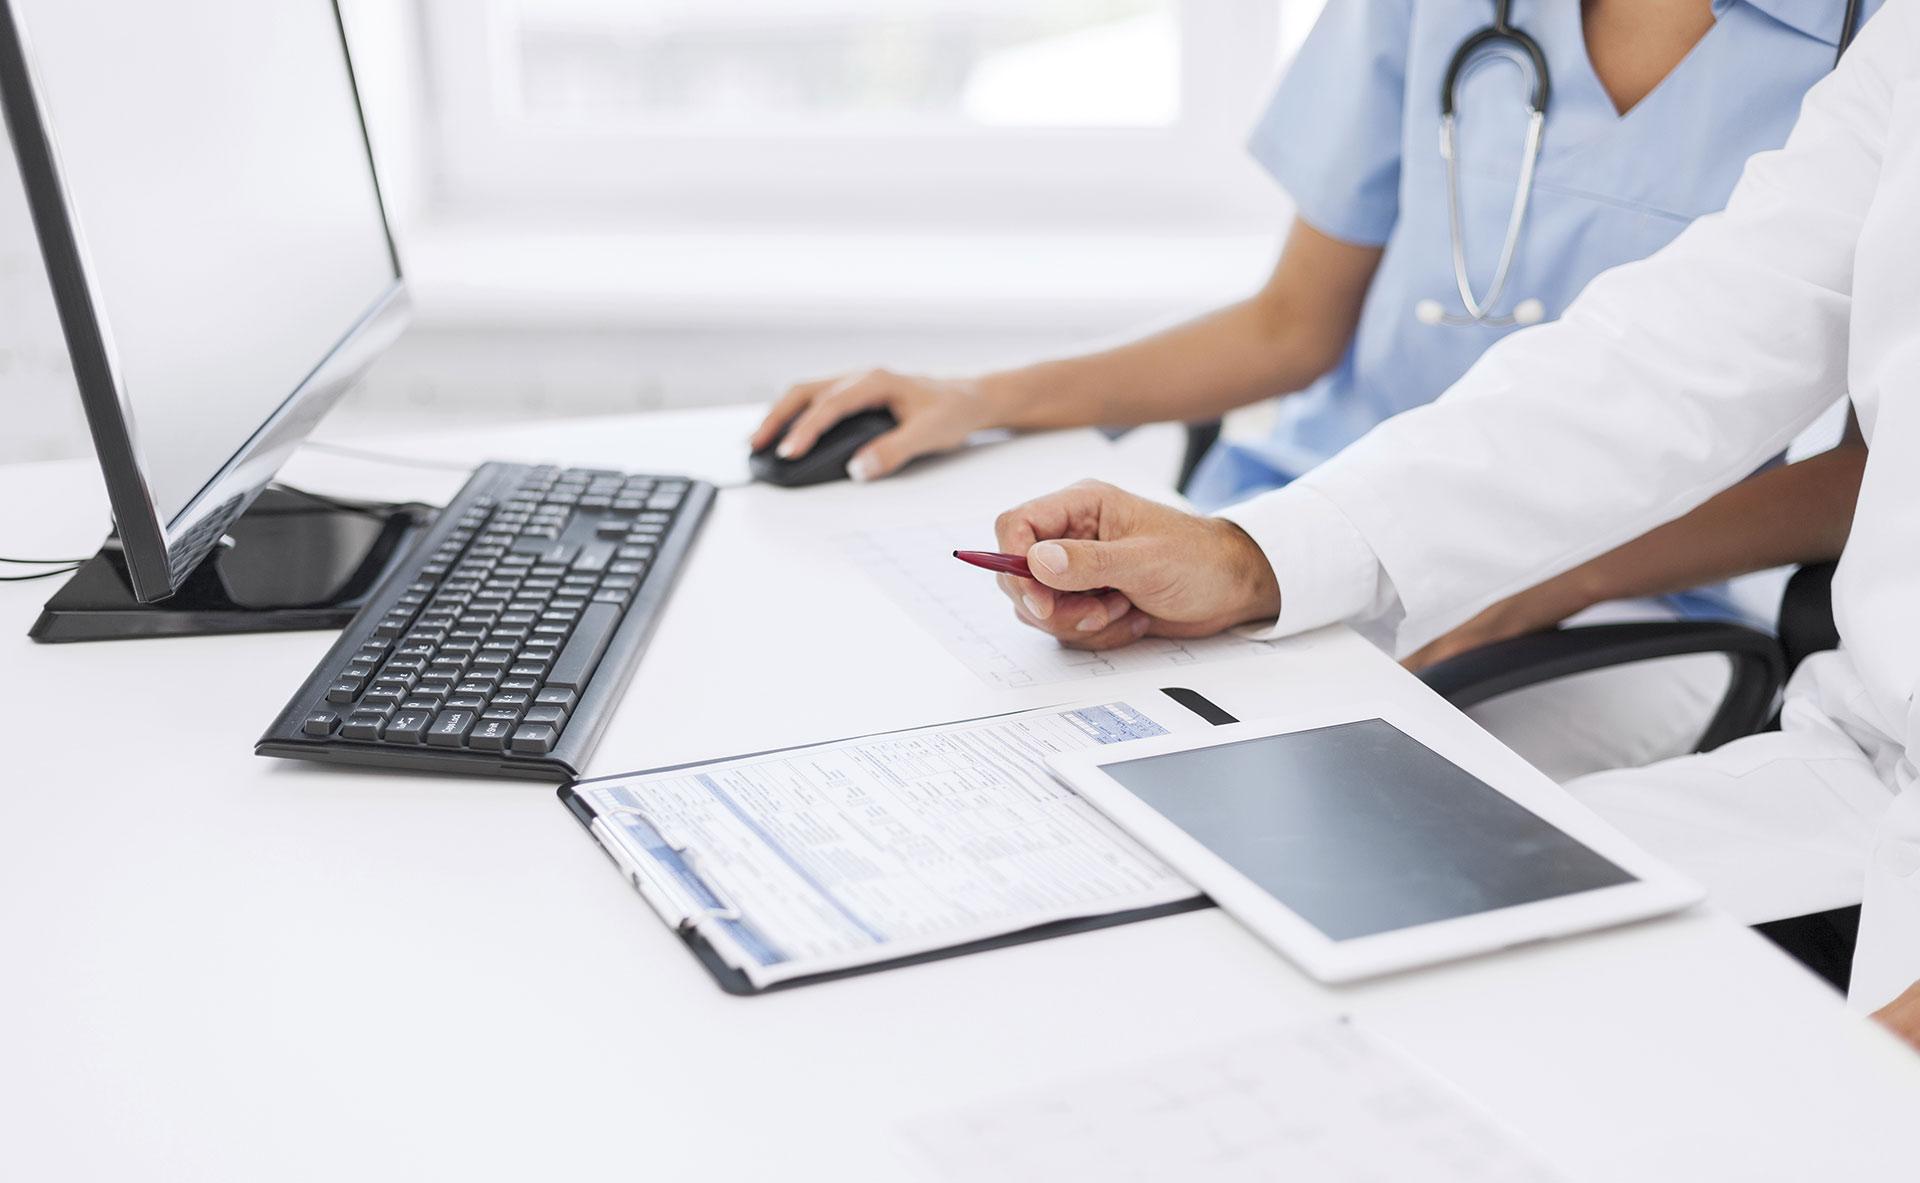 Κορωναϊός: Οδηγίες διαχείρισης ασθενών στα ιατρεία και πολυϊατρεία 9